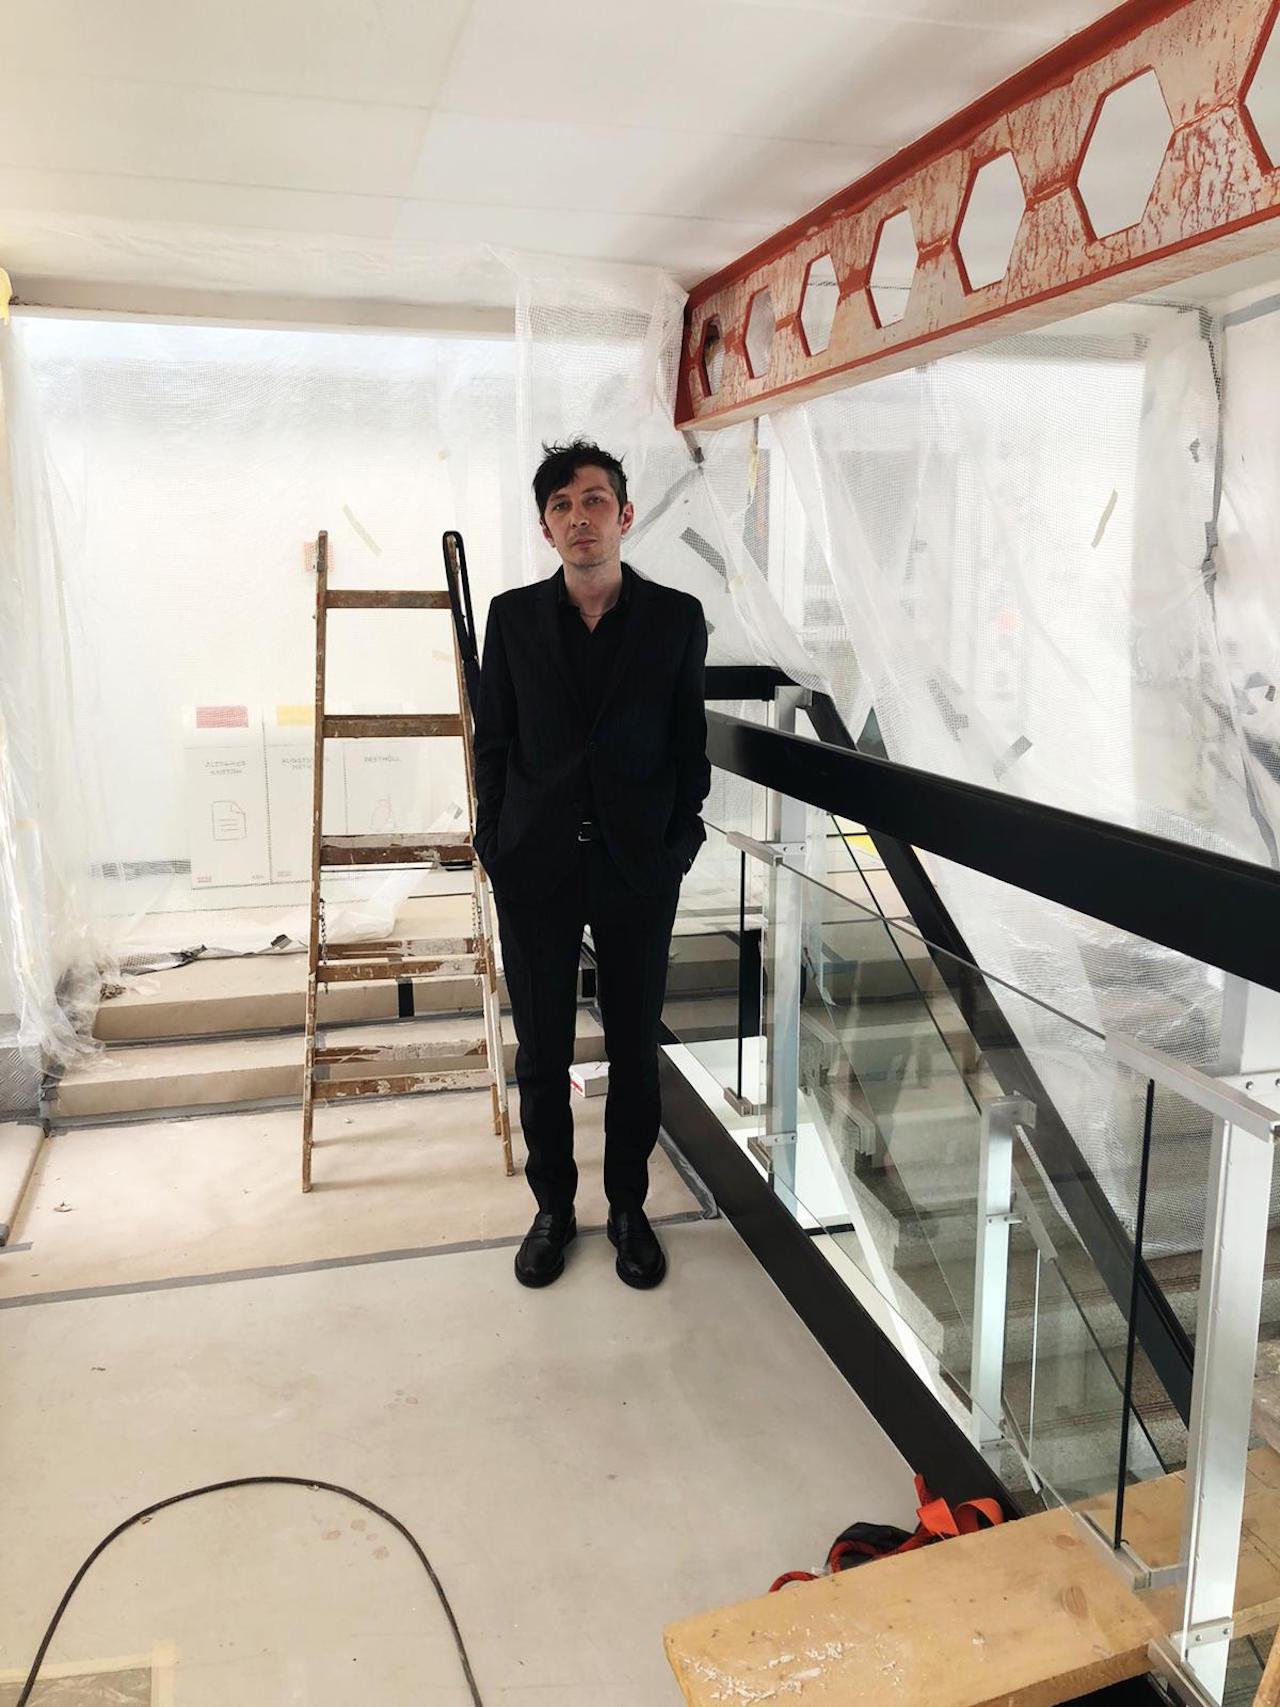 Ja, Panik haben schon immer das Einreißen und neu Aufbauen geliebt. Hier steht Andreas Spechtl mitten in der FM4-Baustelle, kurz nach dem Interview.